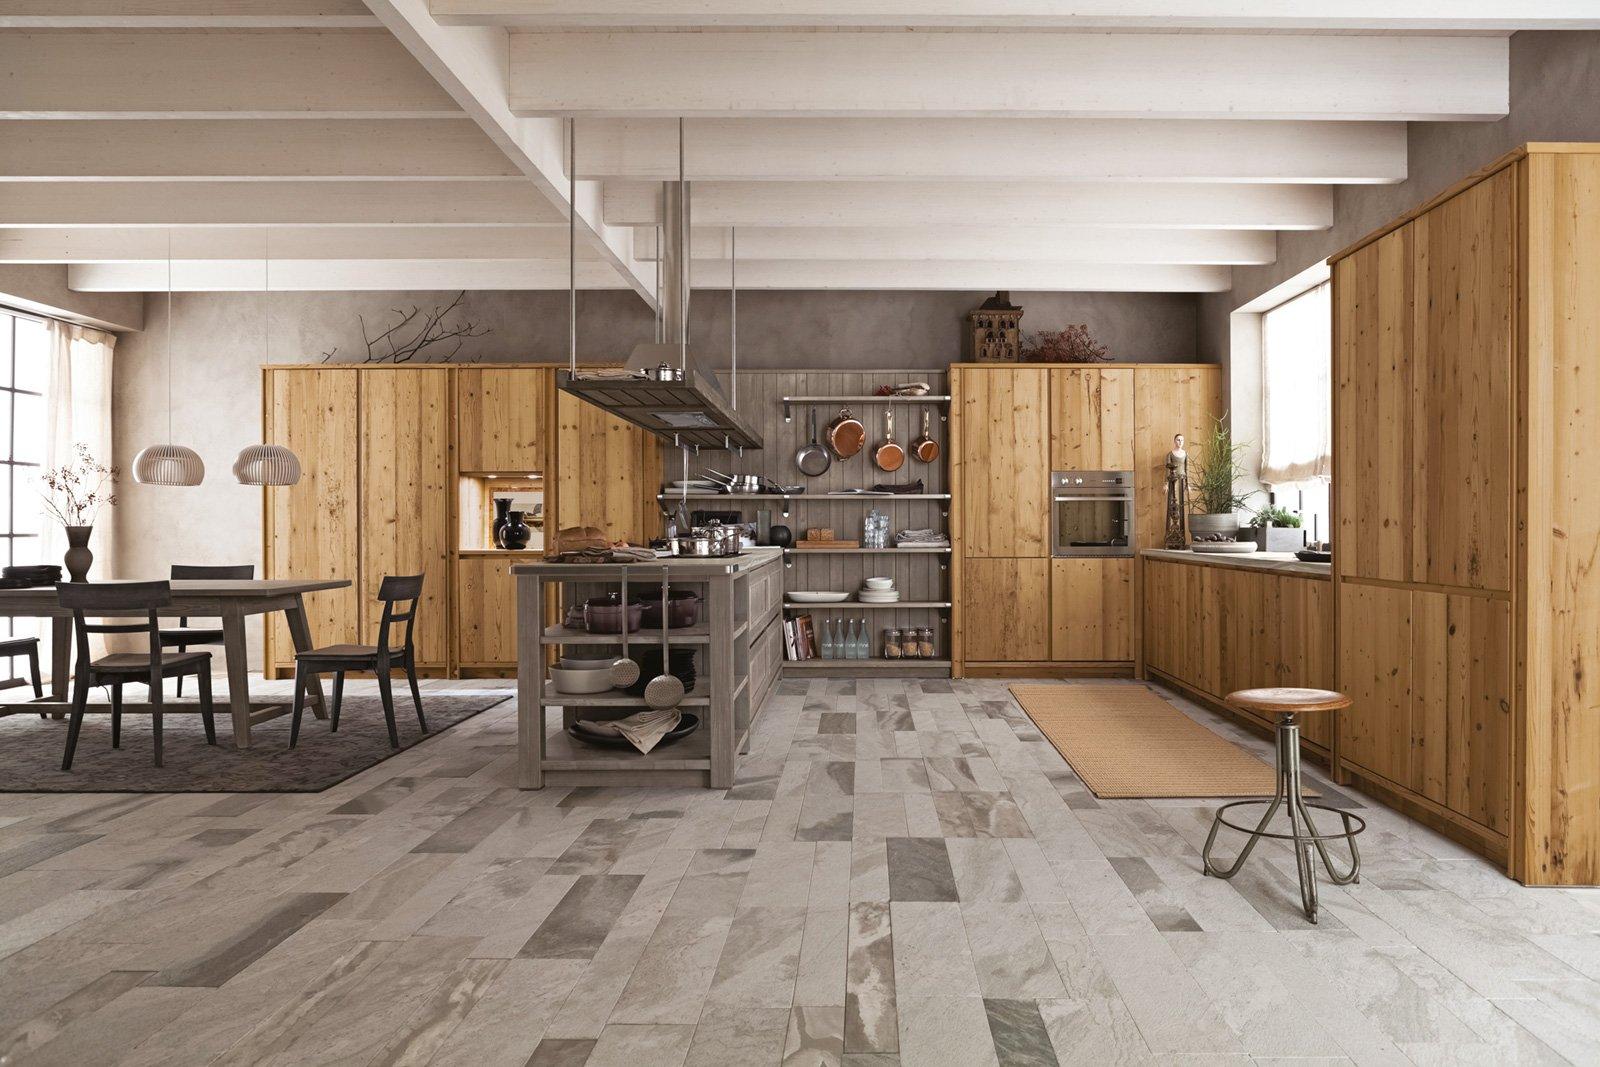 Cucine a vista per il loft nel soggiorno open space for Arredamento rustico moderno